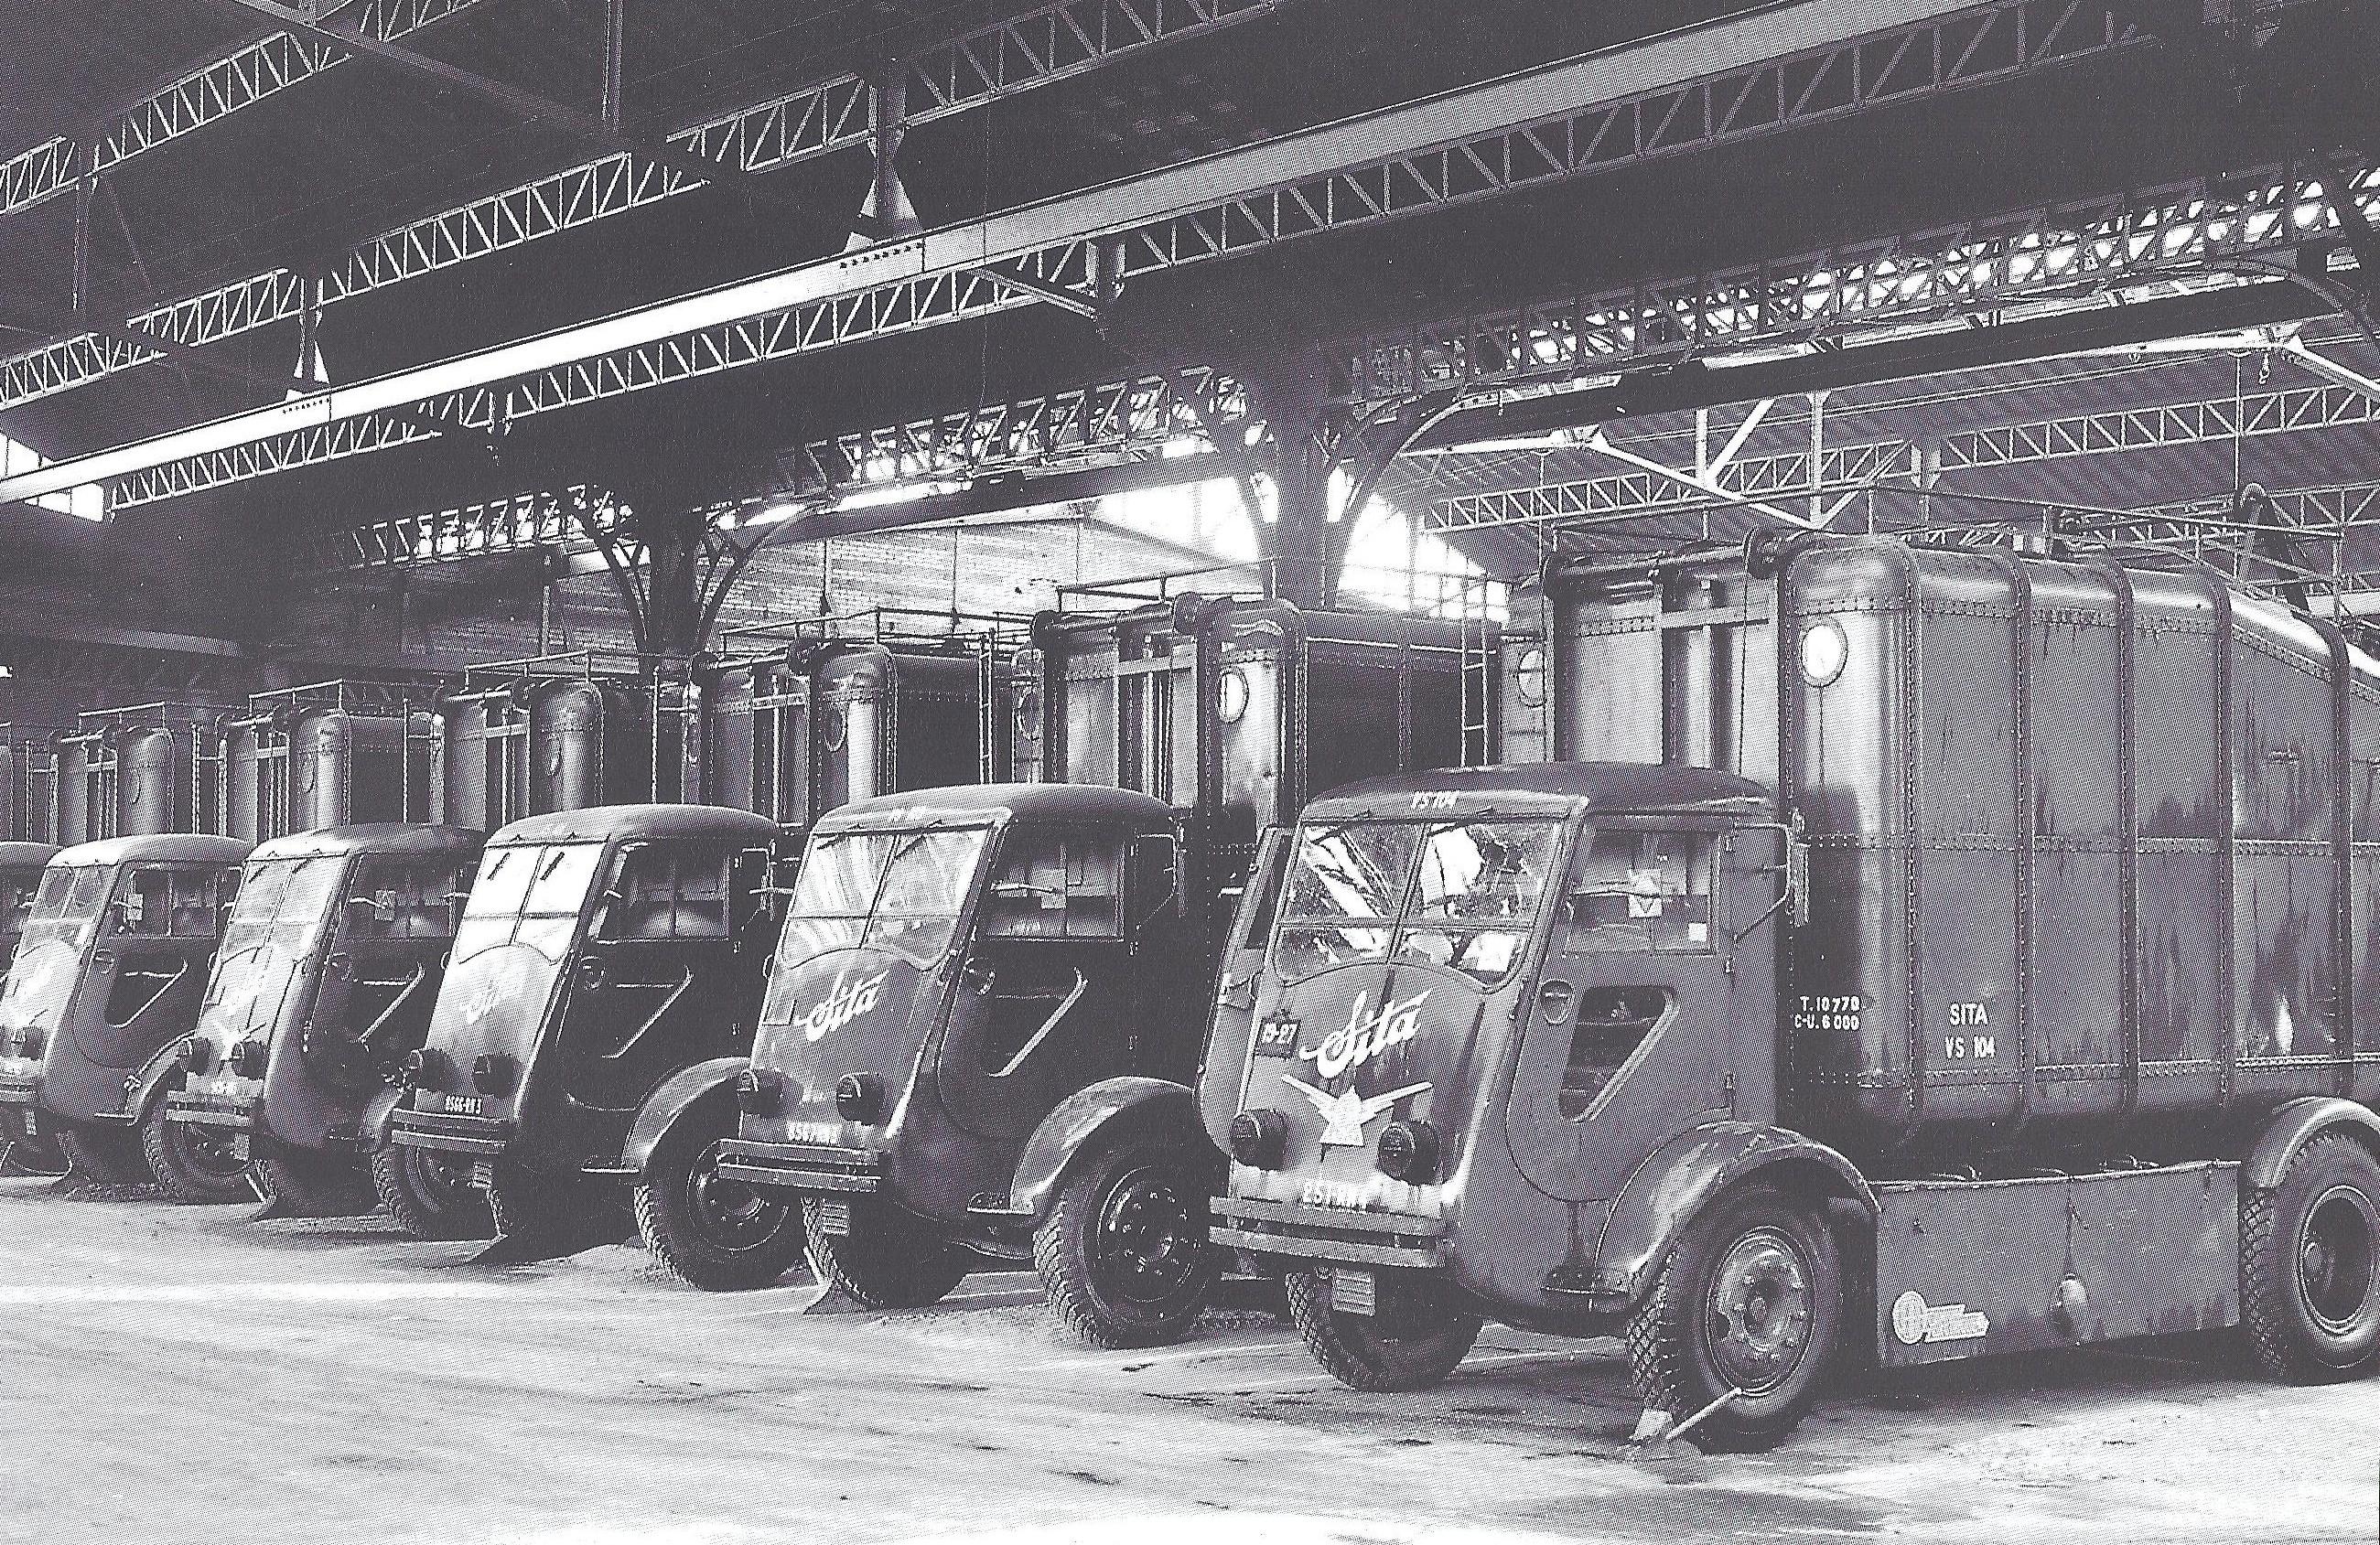 Sita-Vuilniswagens-van-Sita-in-de-Issy-les-Moulineaux-garage-tijdens-de-2e-Wereldoorlog